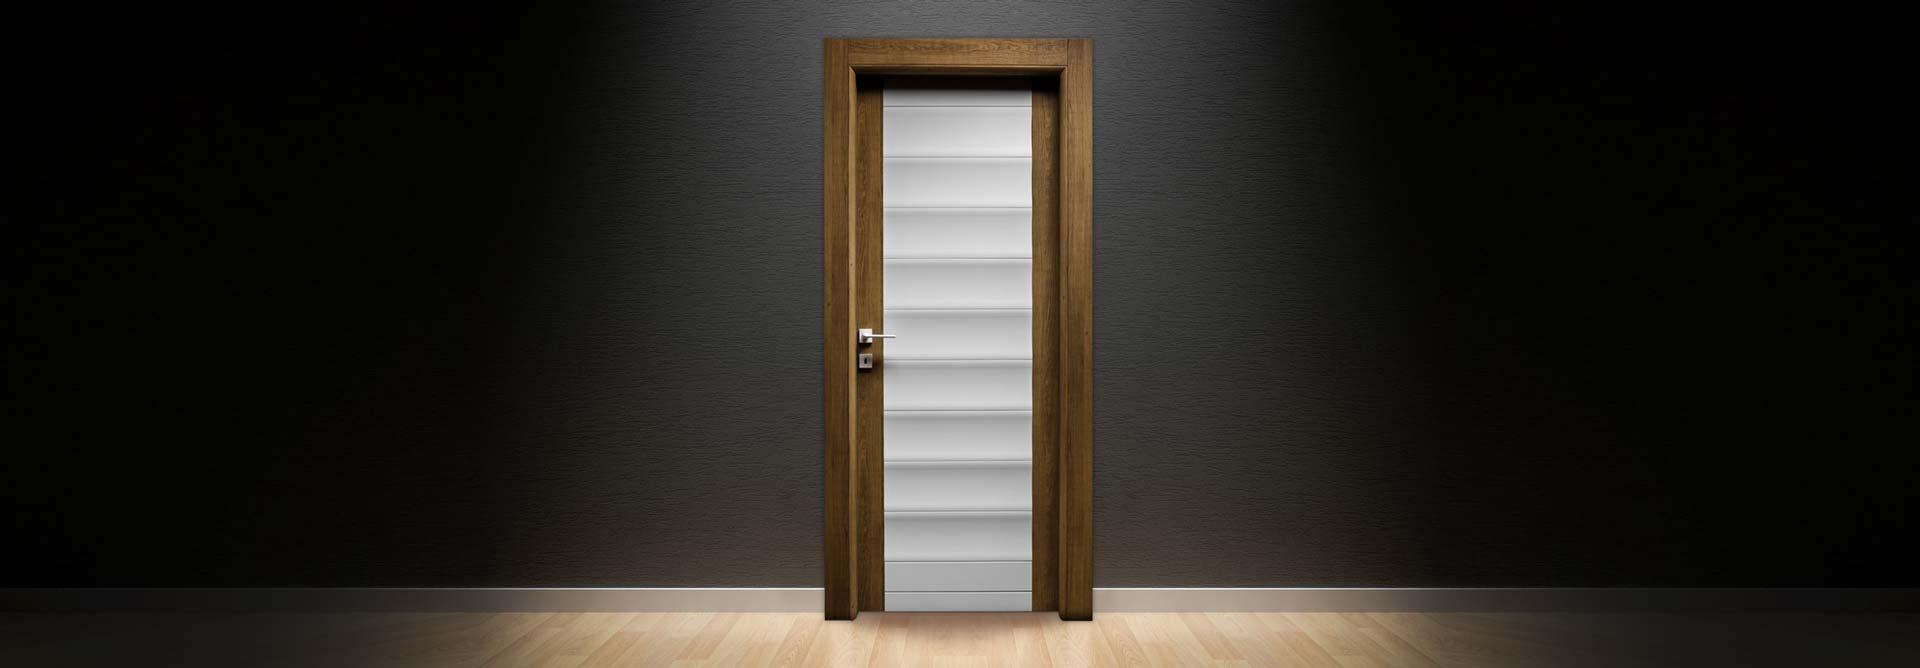 Genarro sobna vrata